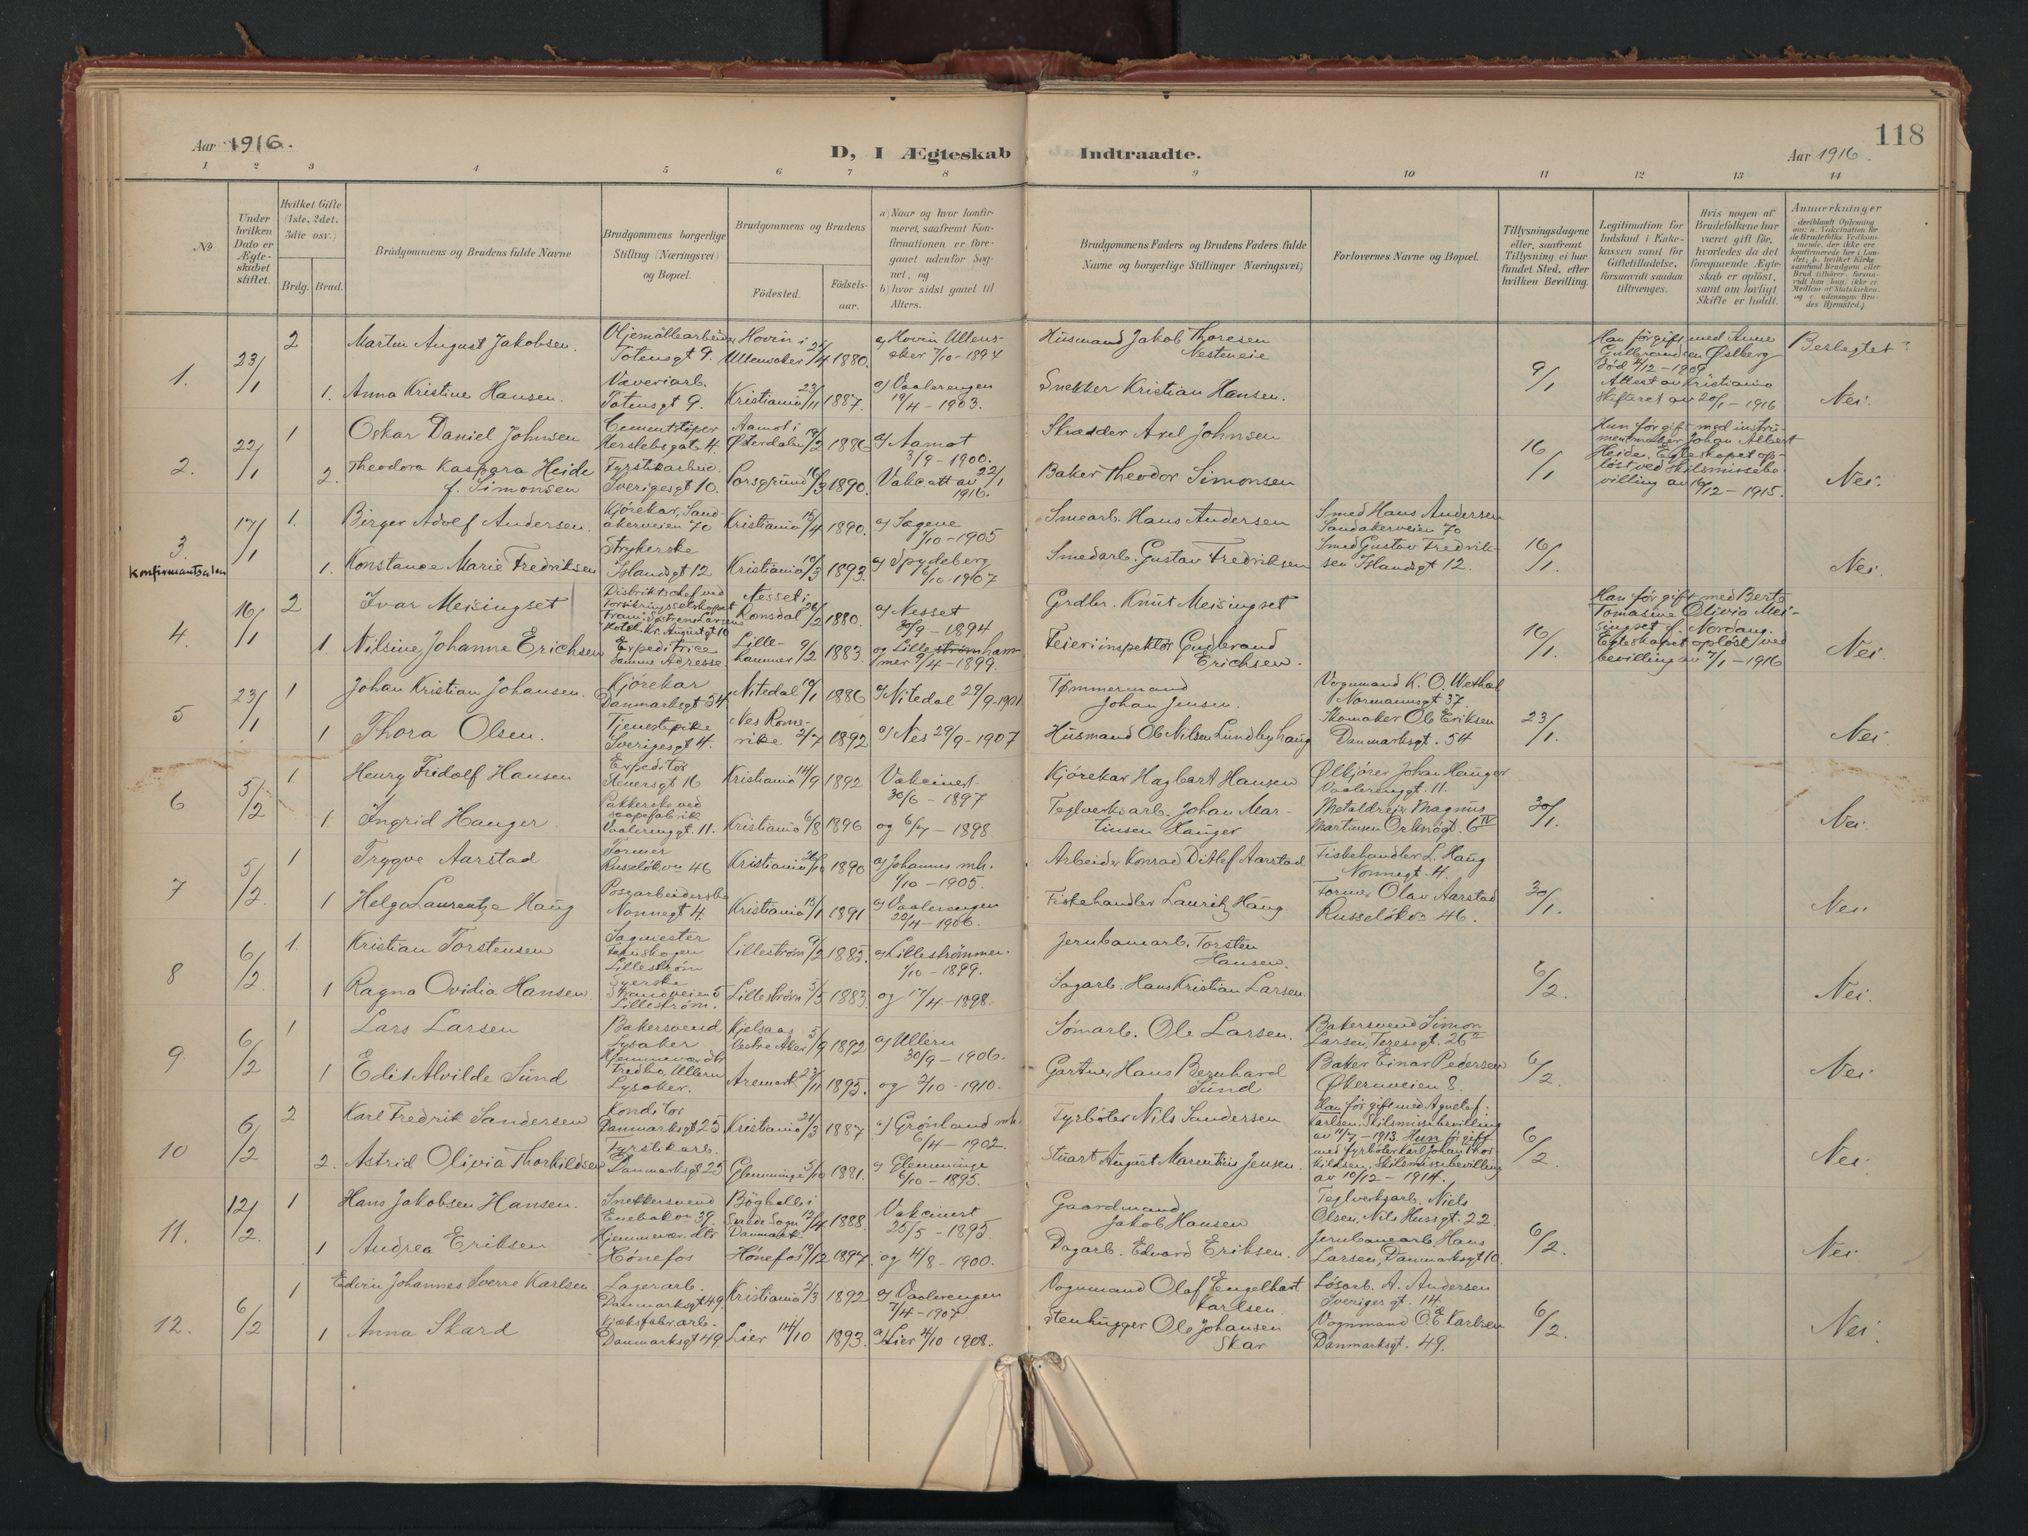 SAO, Vålerengen prestekontor Kirkebøker, F/Fa/L0002: Ministerialbok nr. 2, 1899-1924, s. 118